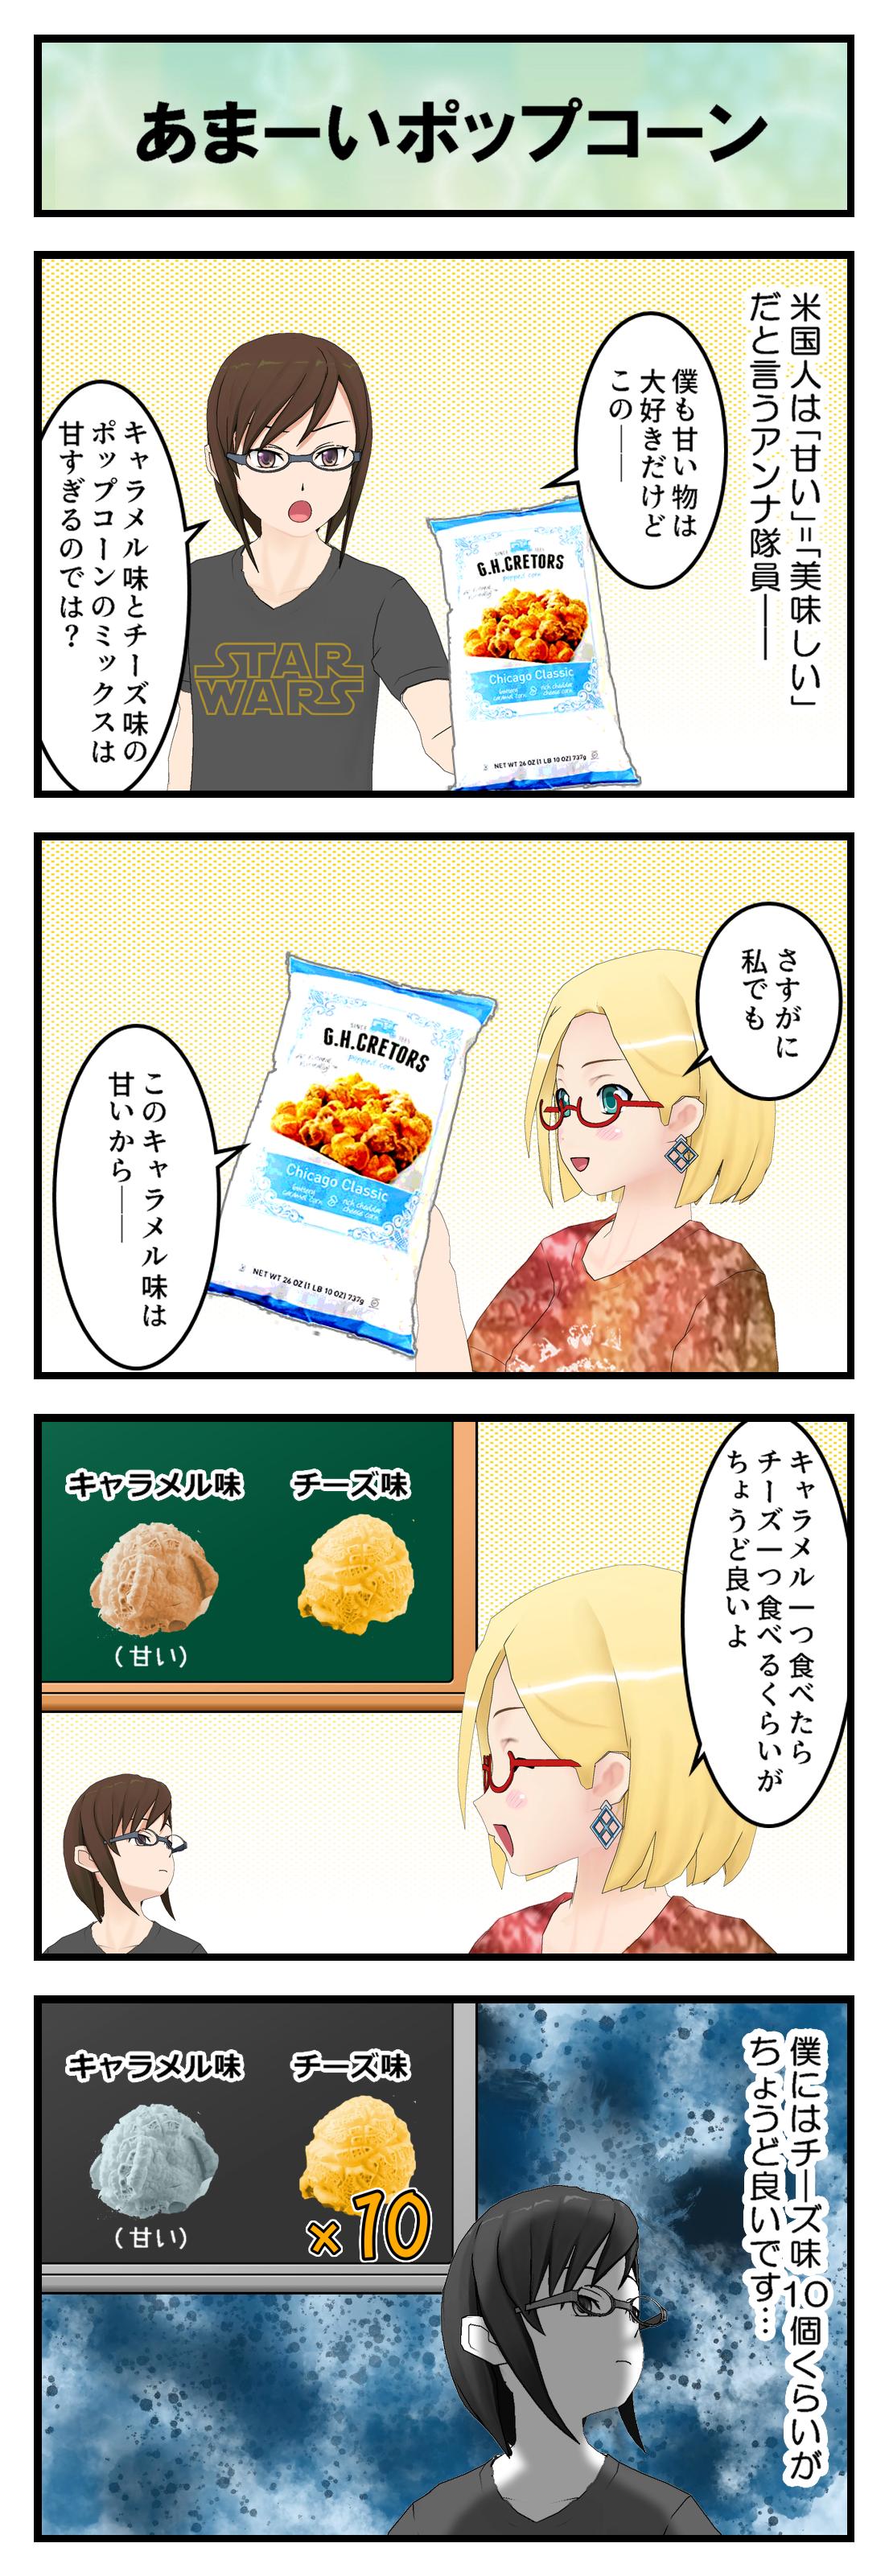 R652_甘い2_001